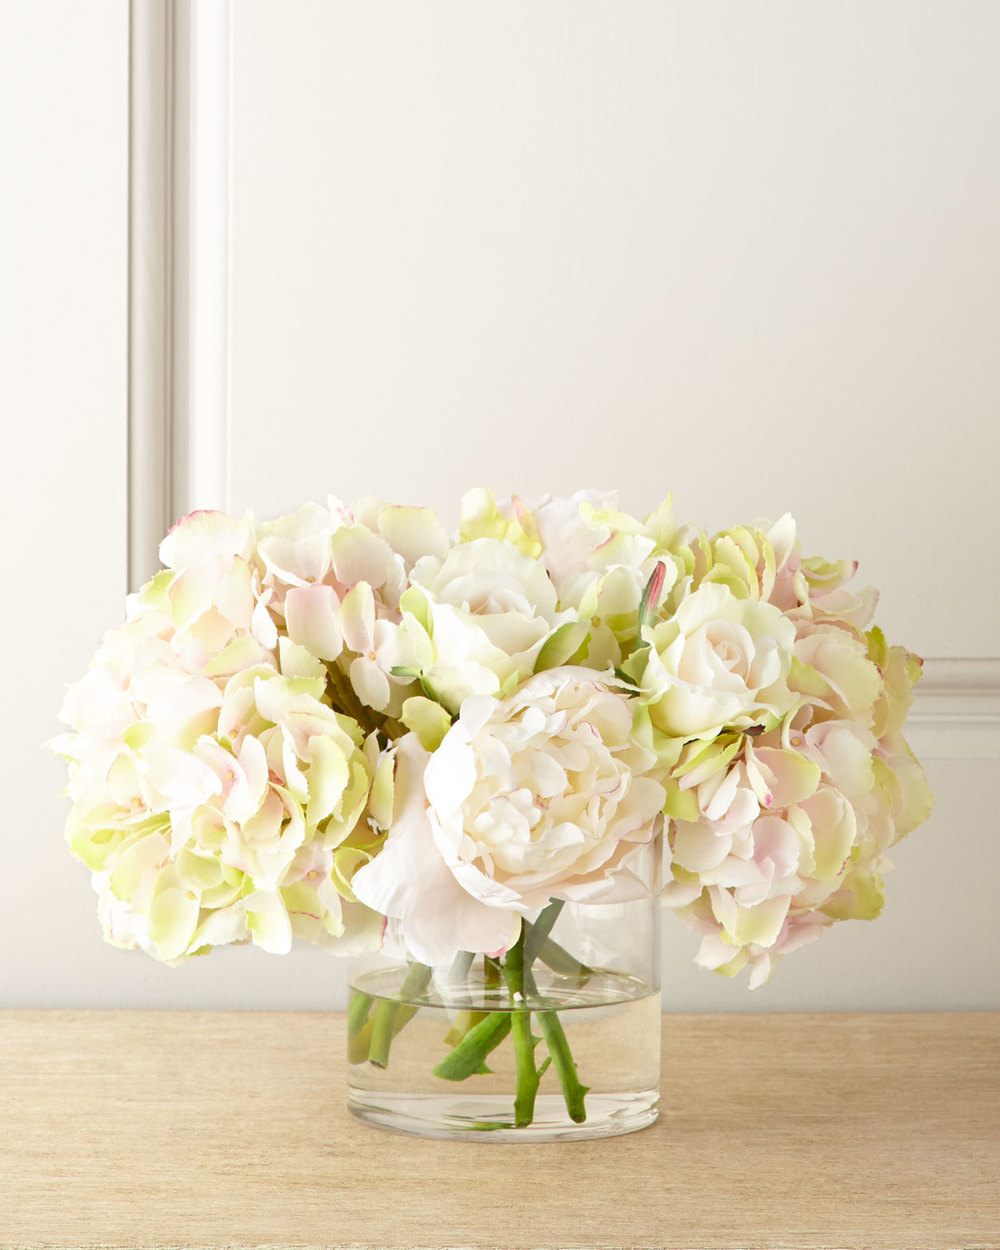 Faux bouquet via Horchow